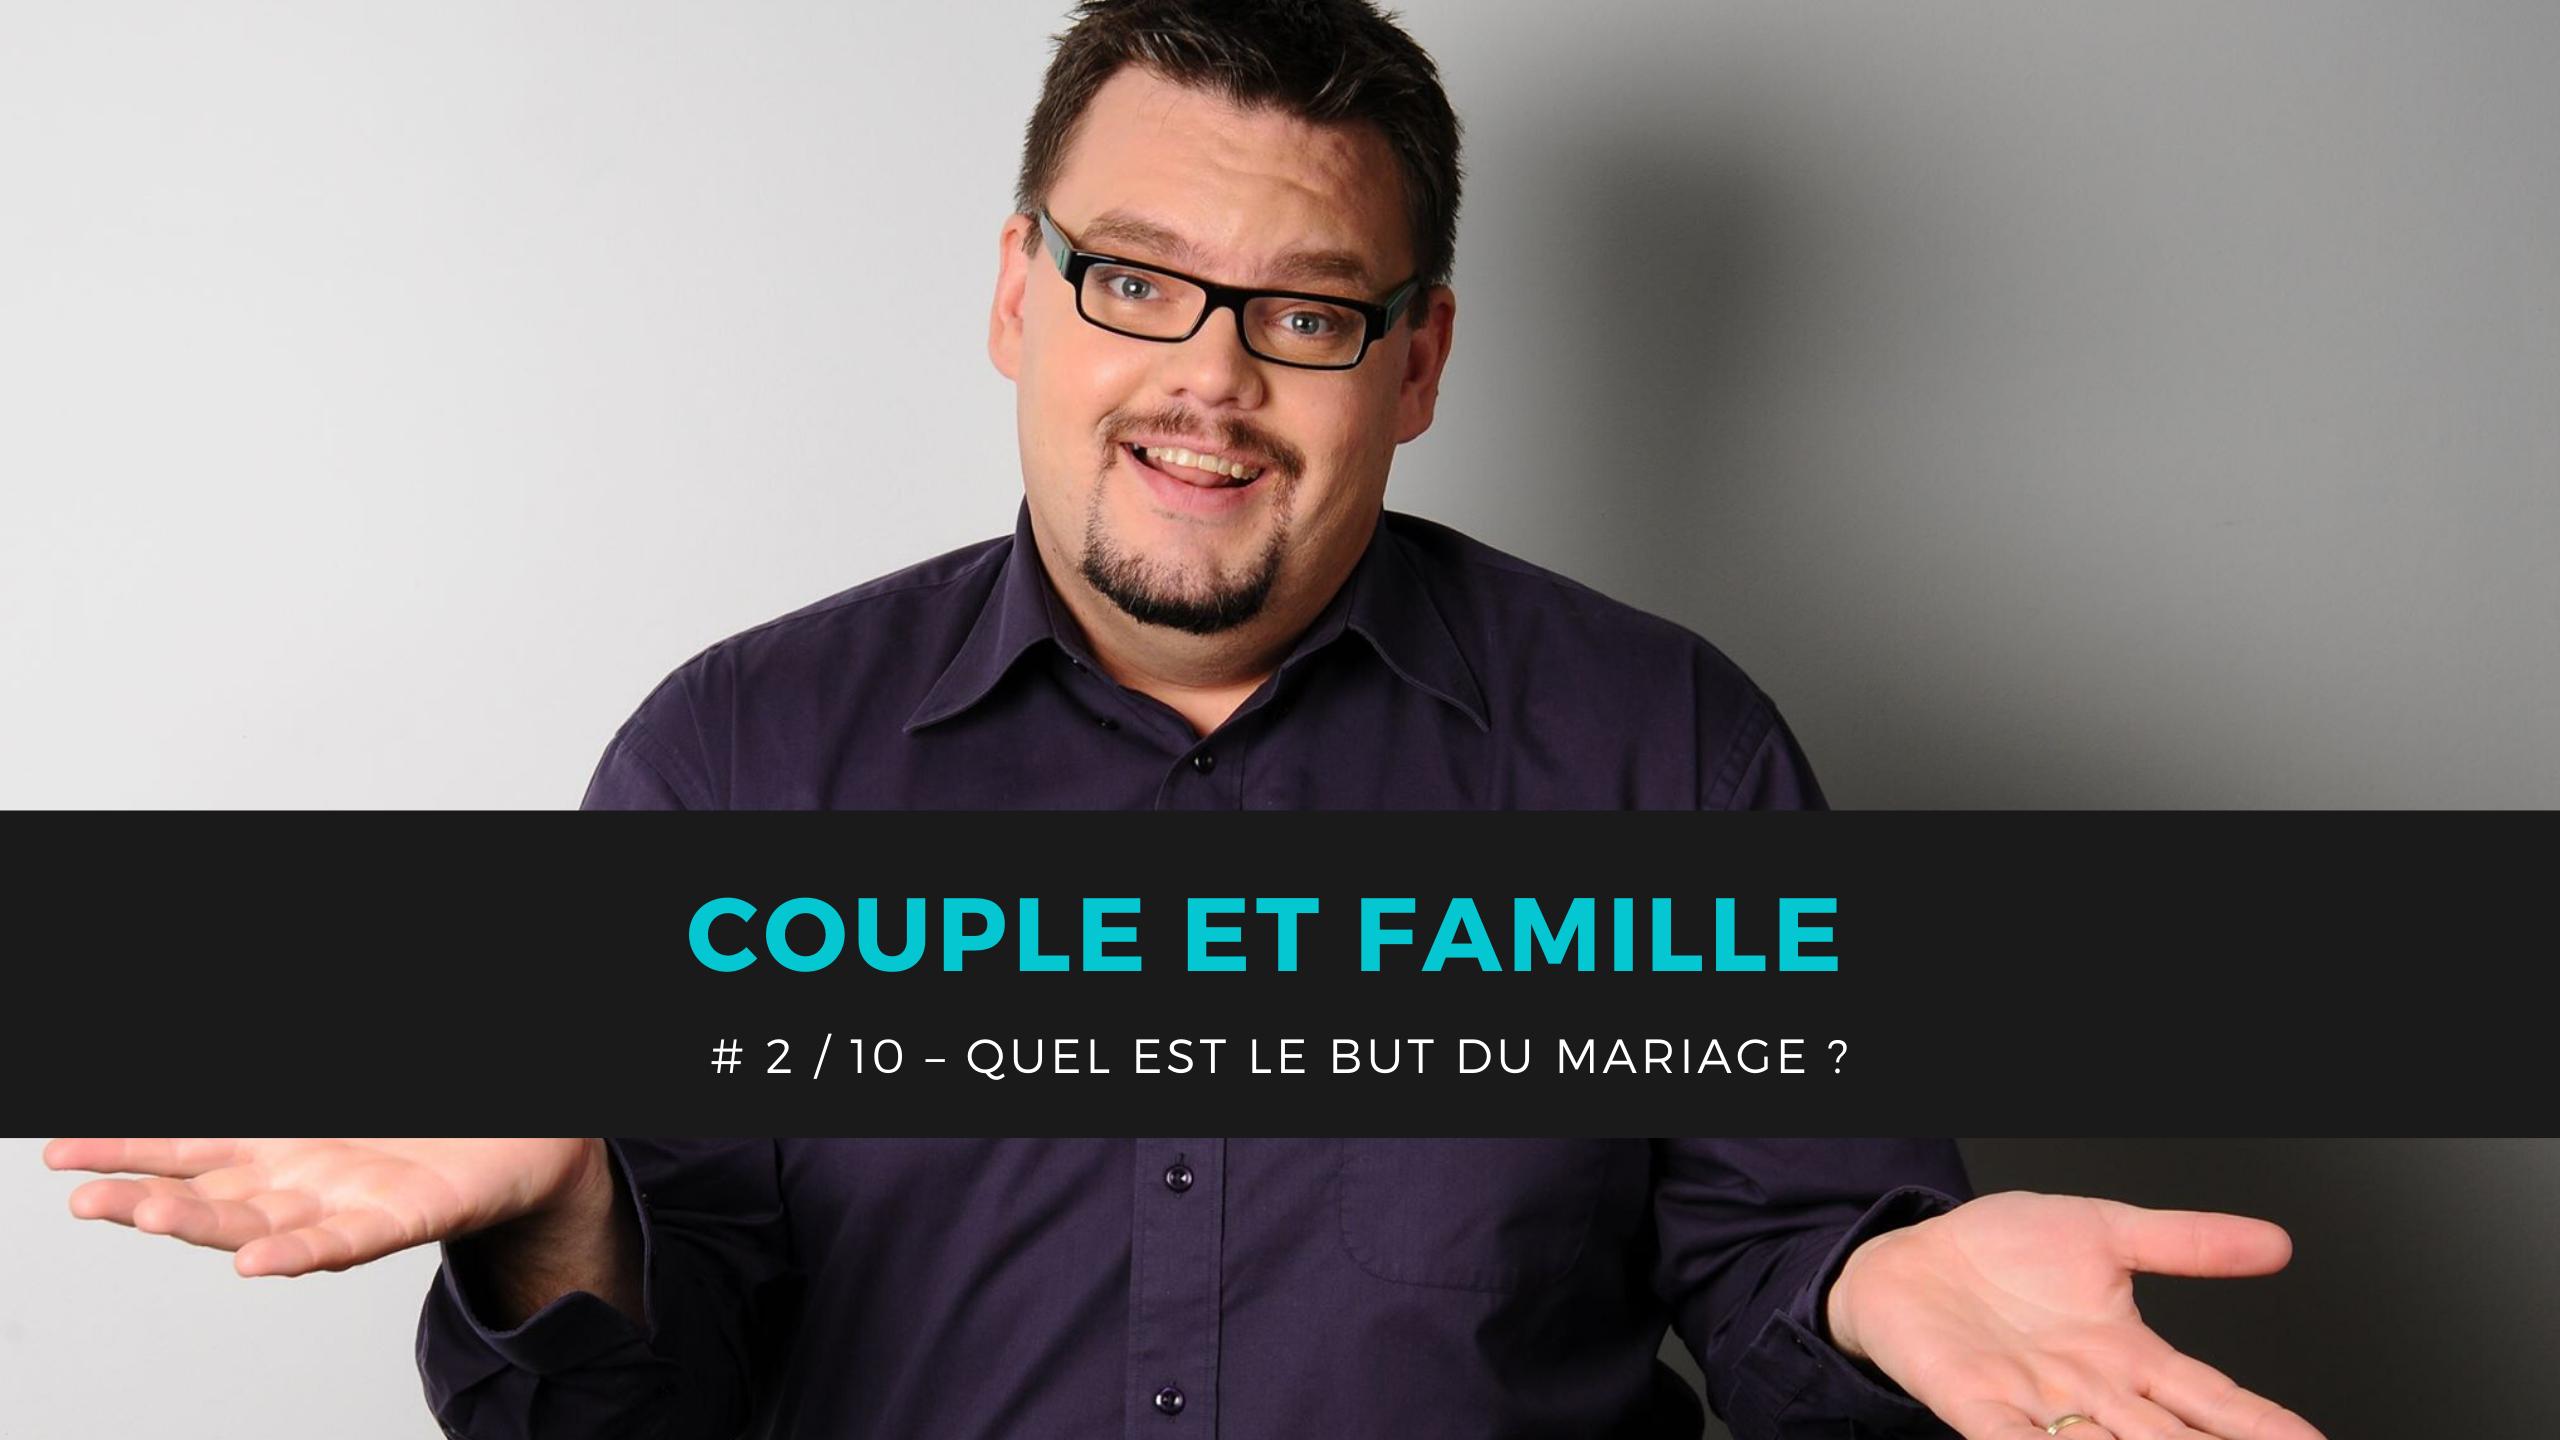 # 2 / 10 – Quel est le but du mariage ?